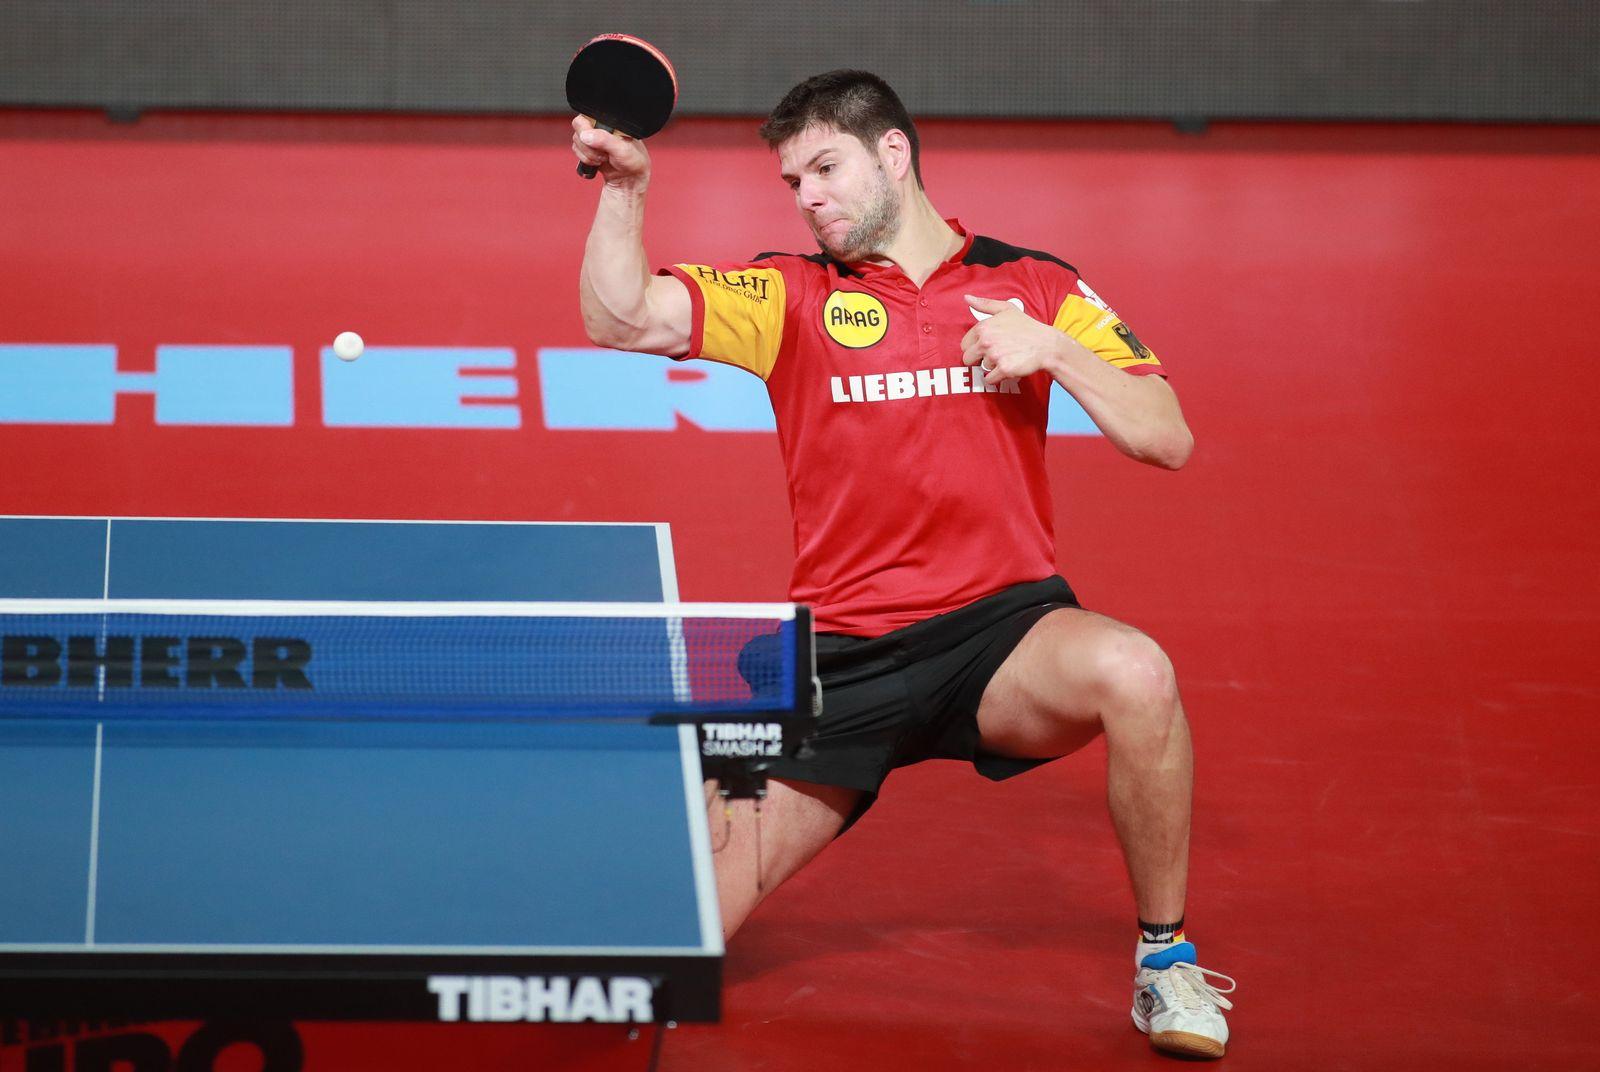 Tischtennis-EM - Deutschland - Slowenien